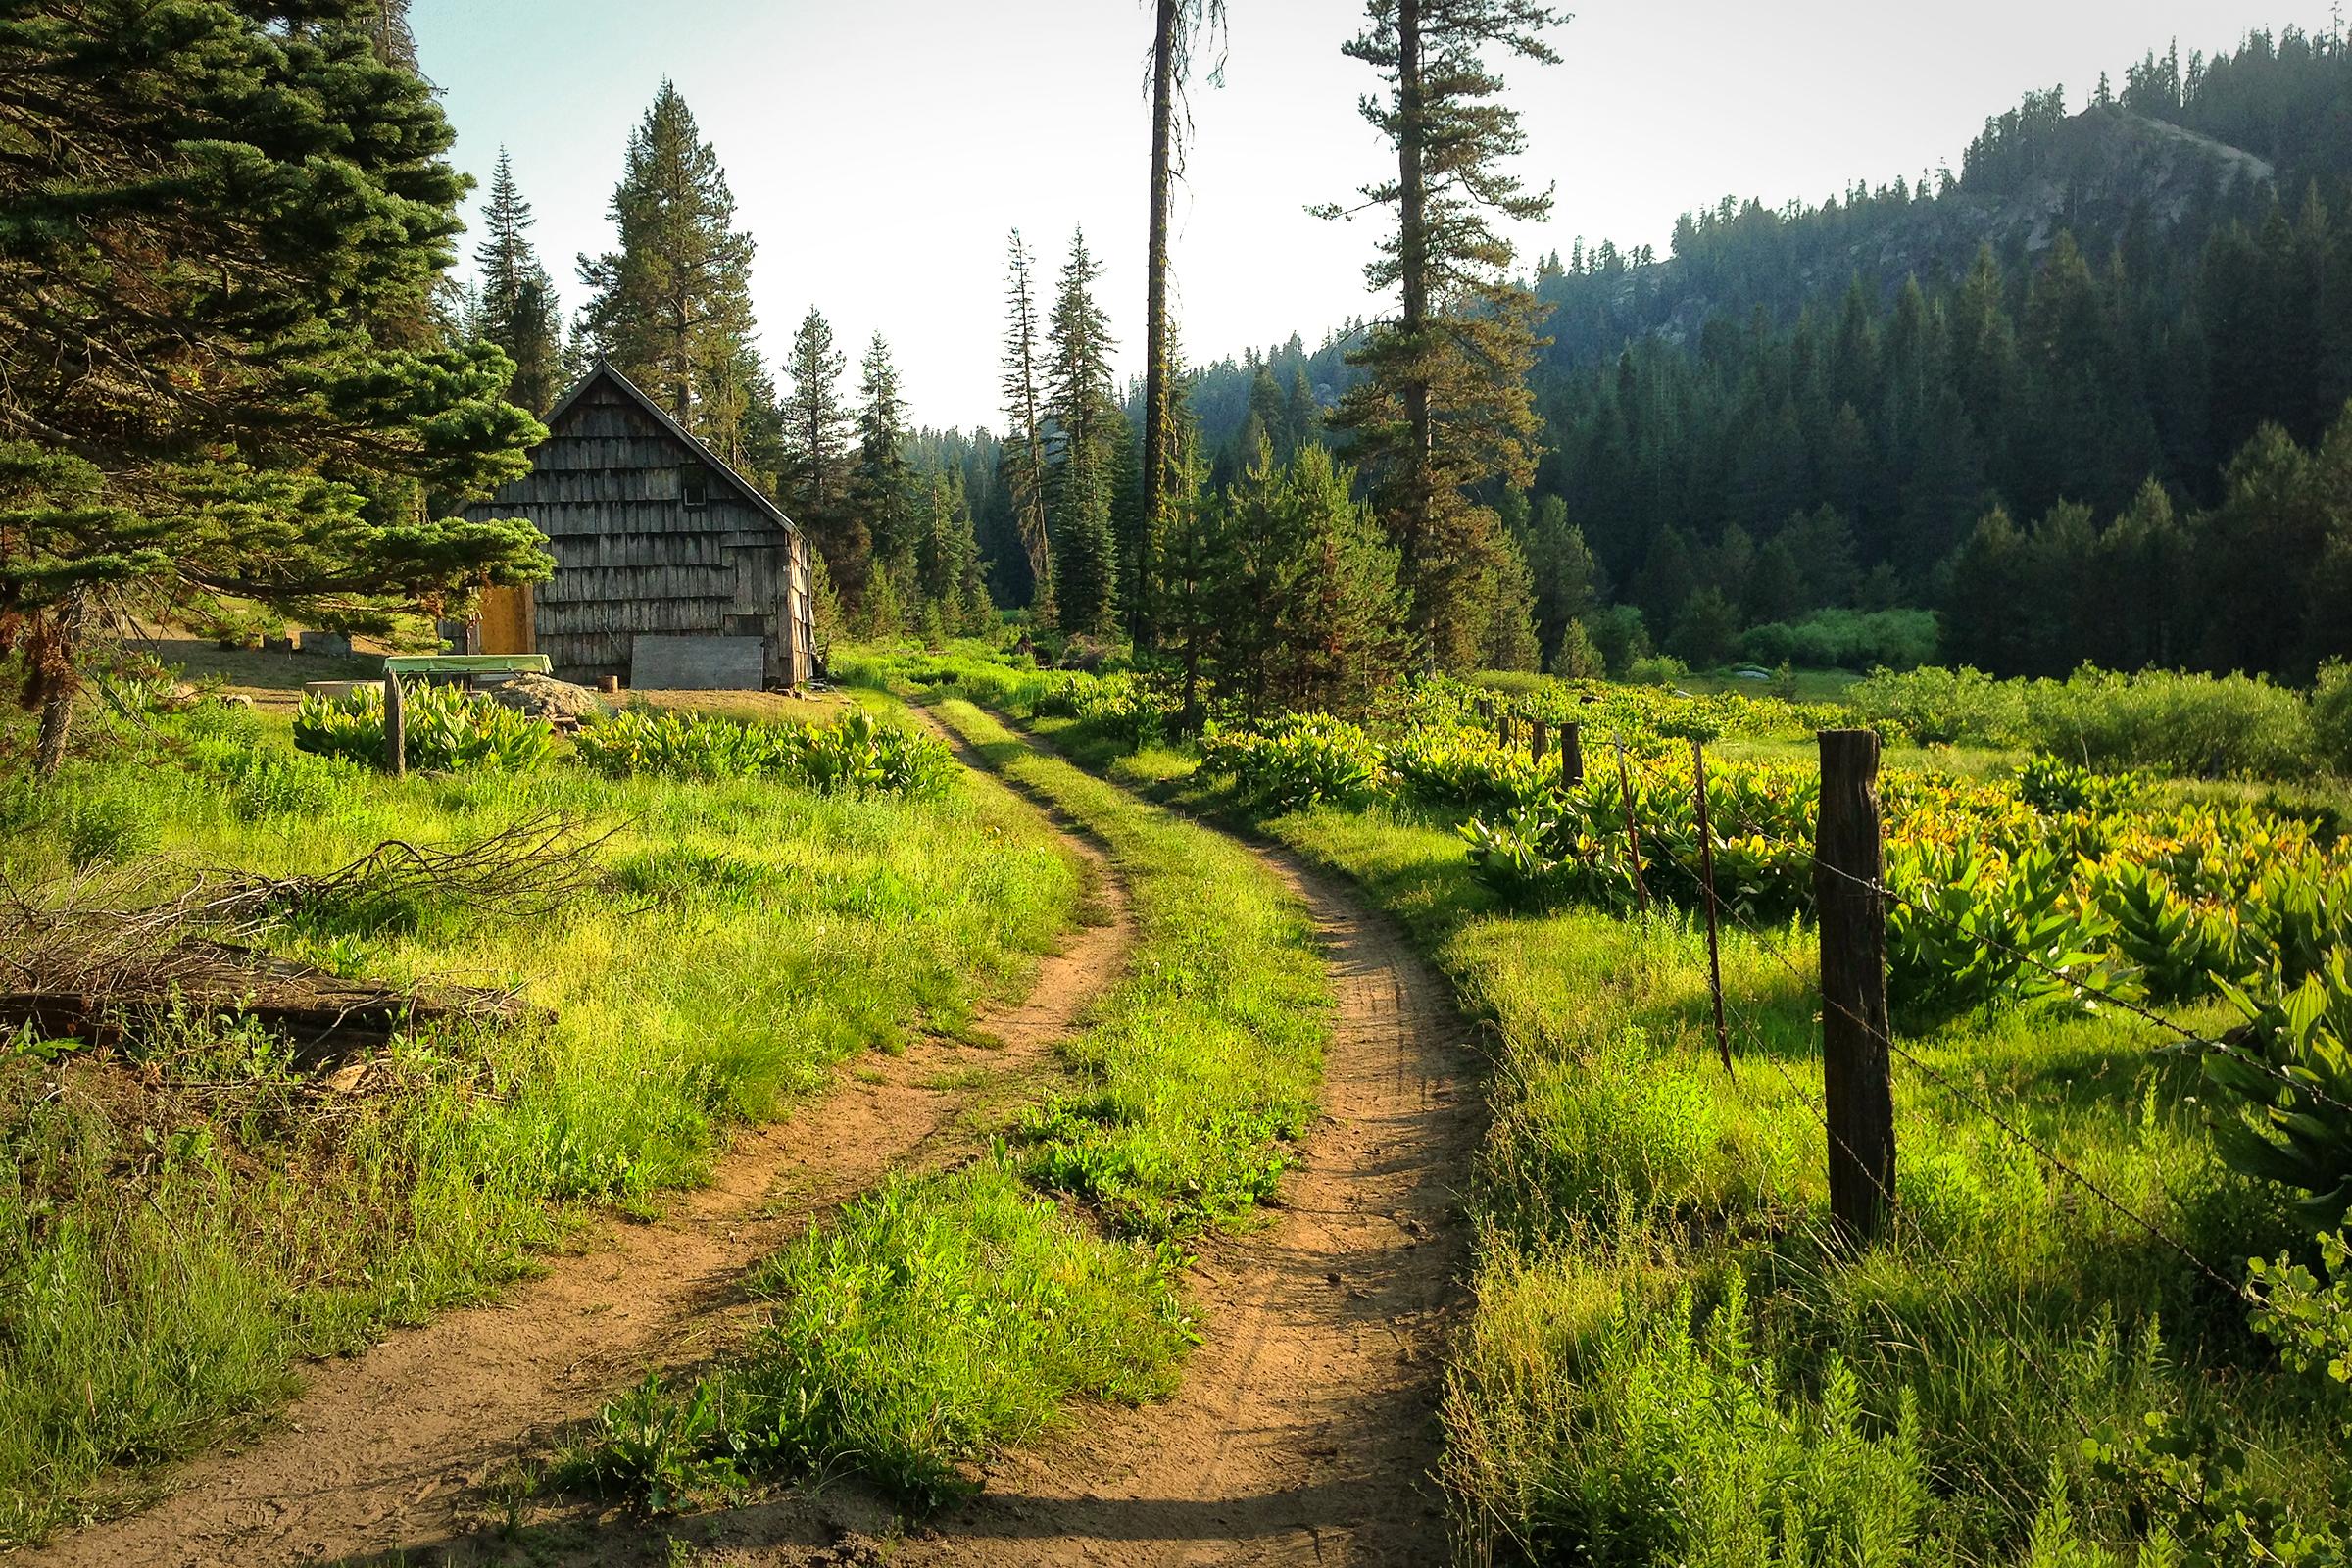 Jones Store. Yosemite National Forest, California. Wasim Muklashy Photography